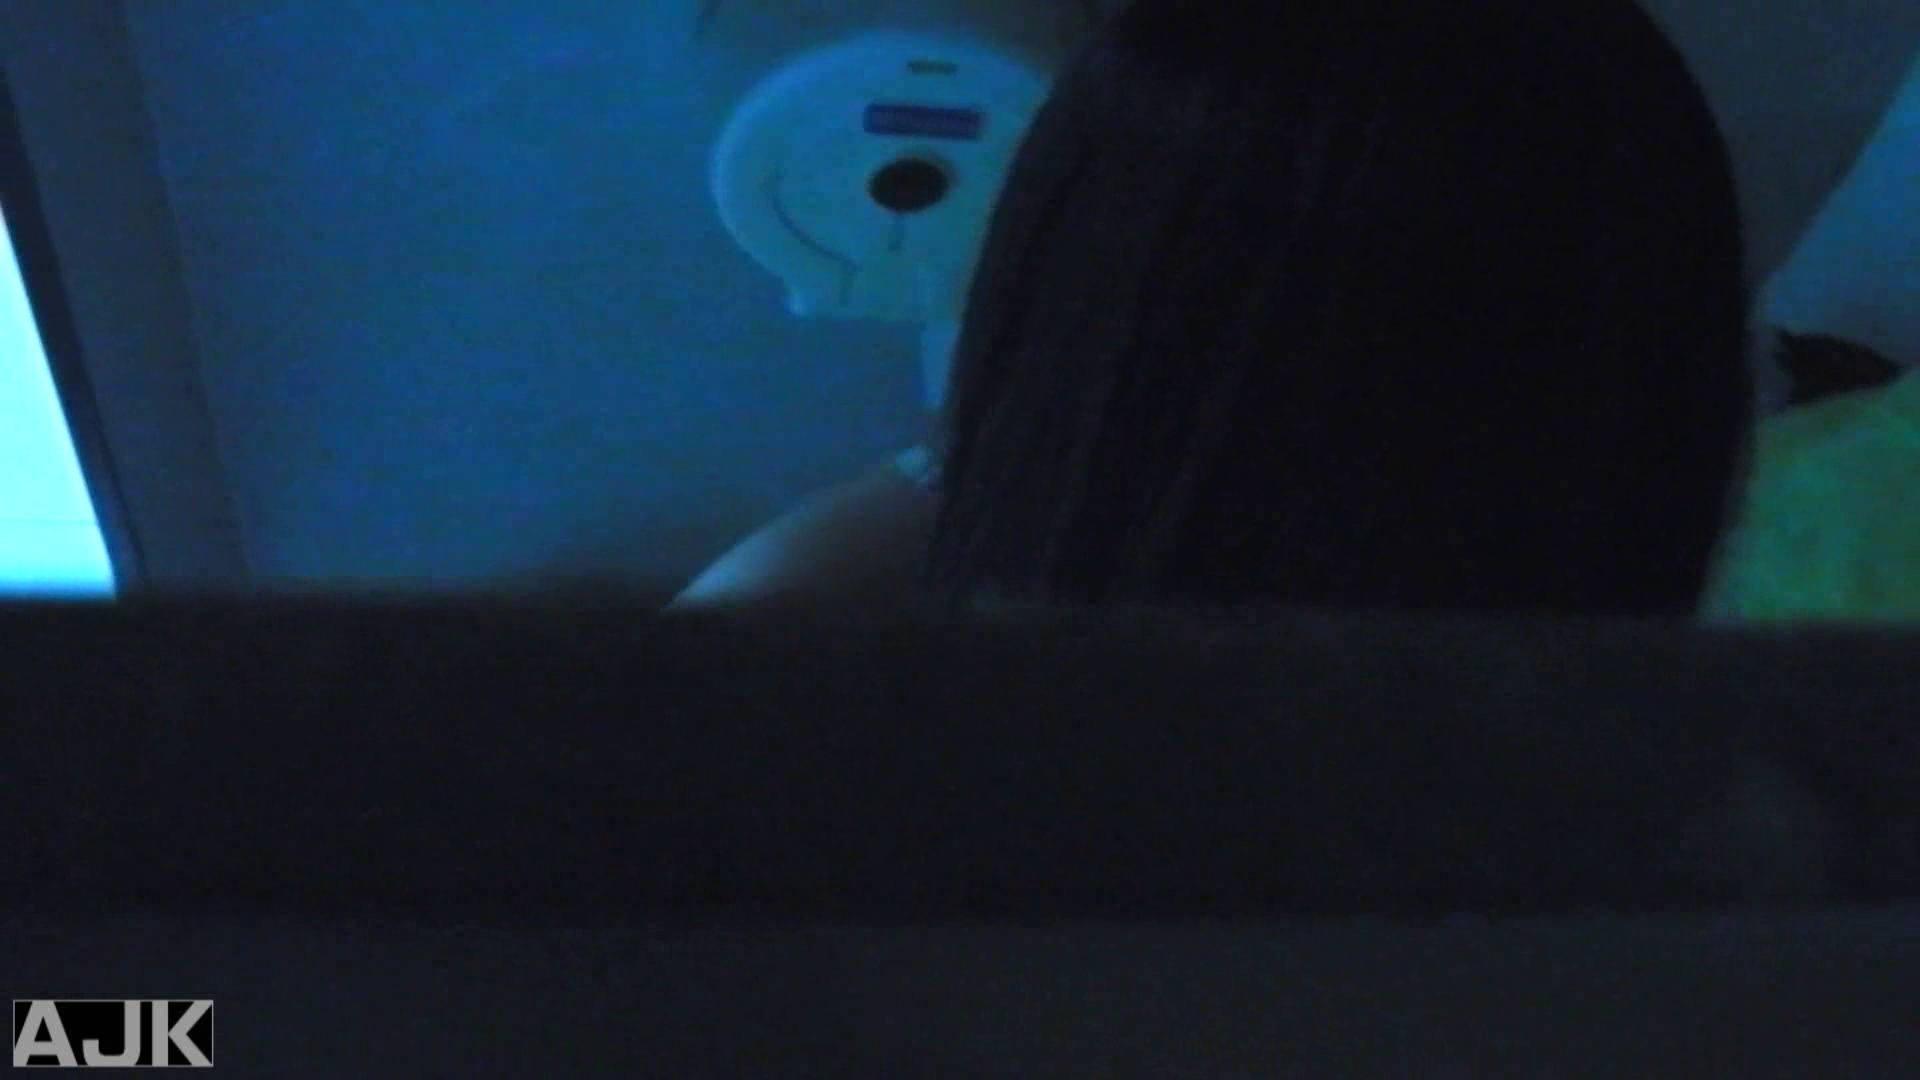 隣国上階級エリアの令嬢たちが集うデパートお手洗い Vol.13 オマンコ・ぱっくり オメコ無修正動画無料 100画像 5